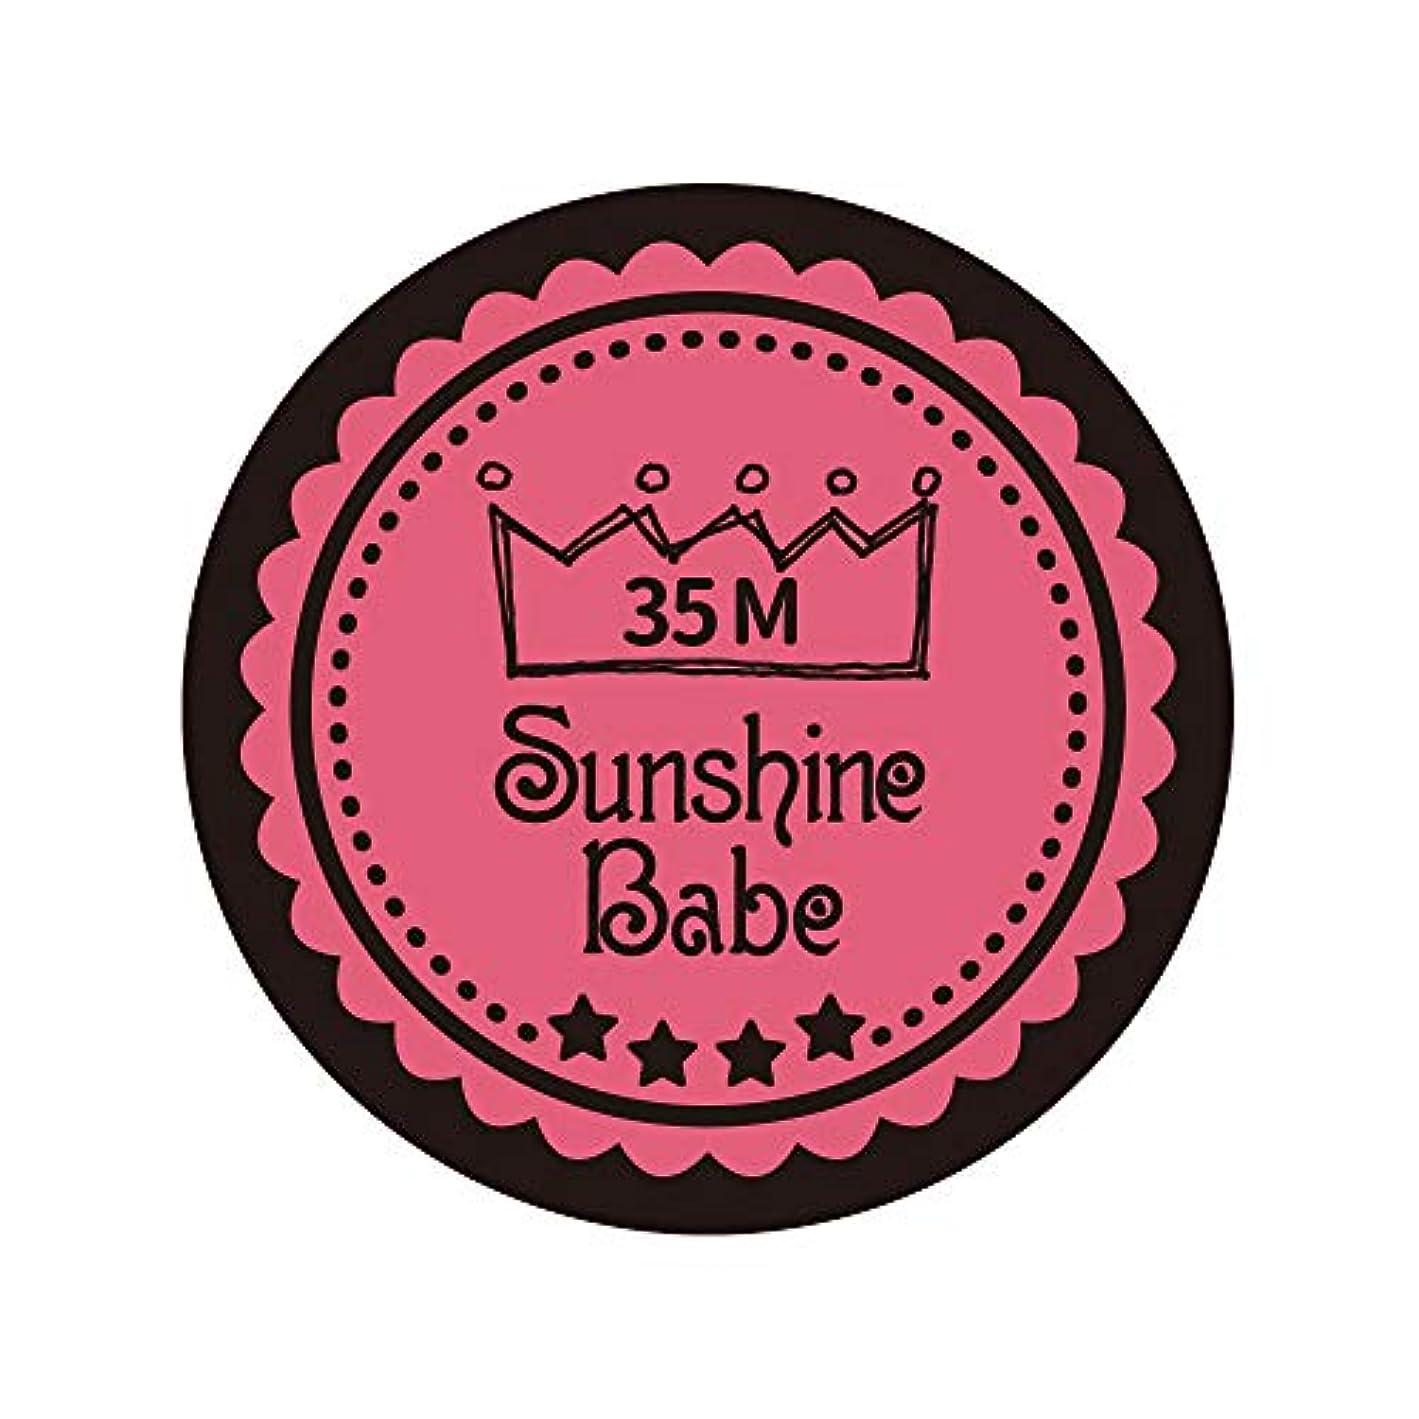 考慮雲うぬぼれSunshine Babe カラージェル 35M ローズピンク 2.7g UV/LED対応